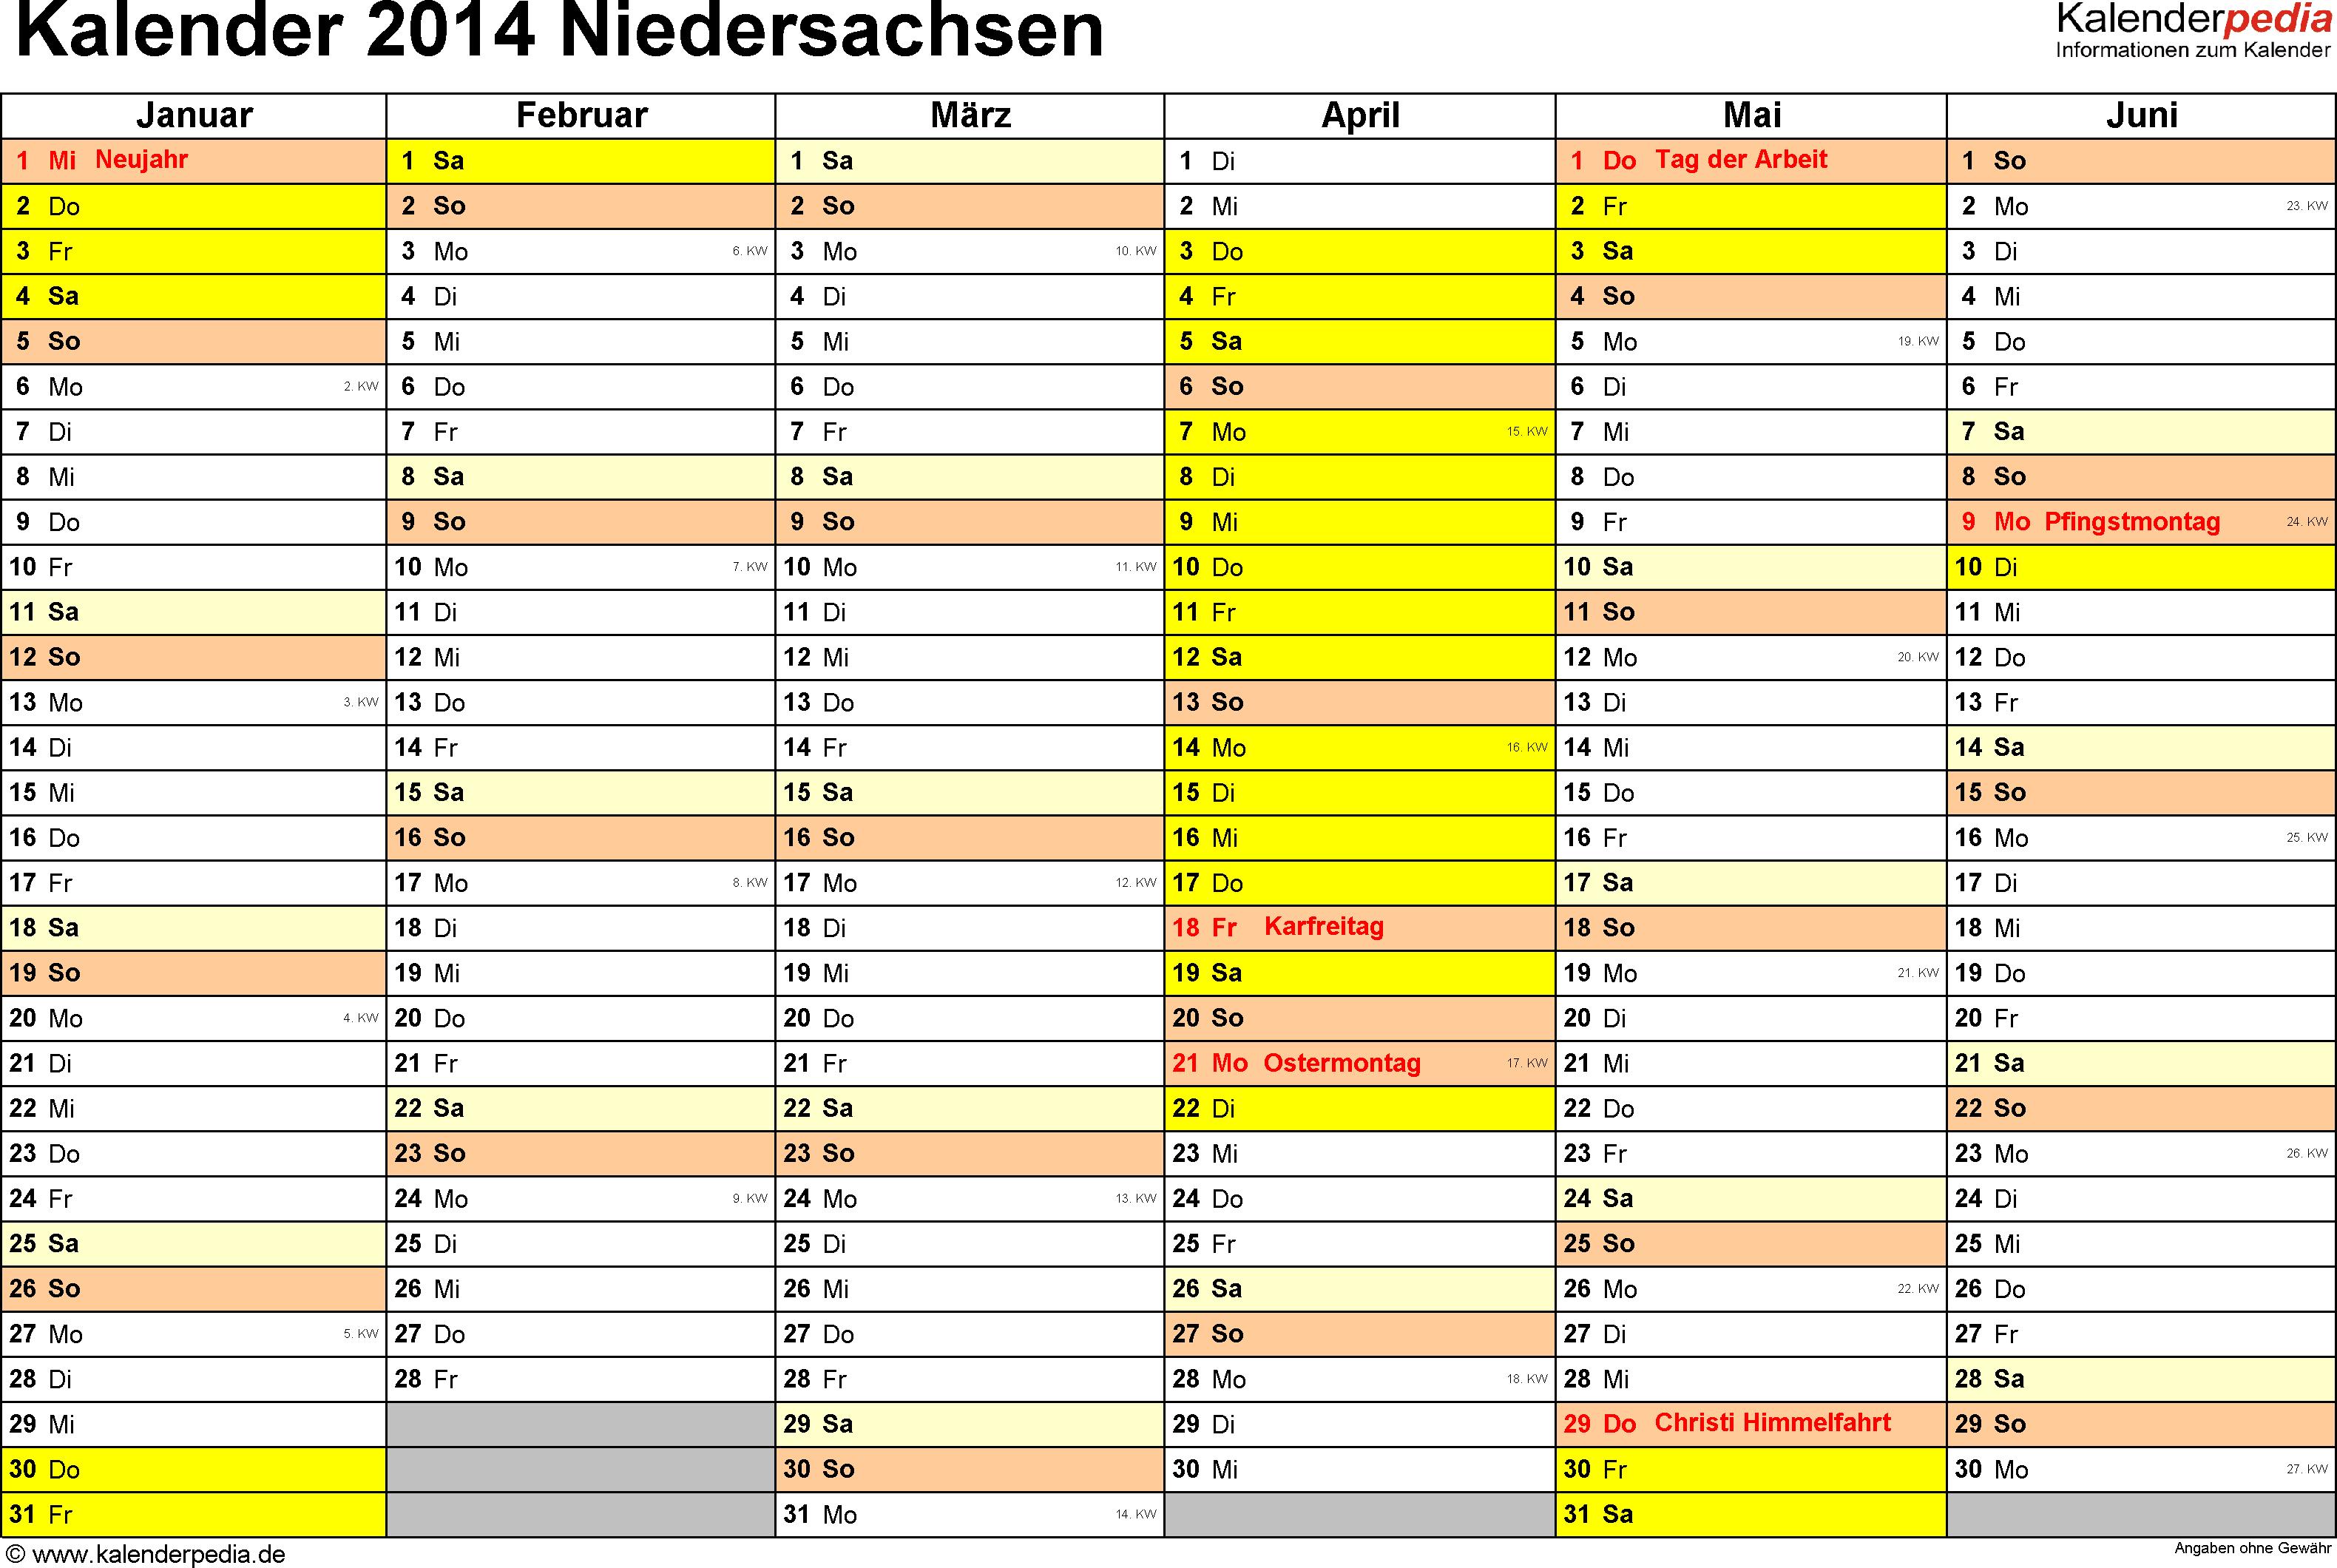 Vorlage 2: Kalender 2014 für Niedersachsen als Word-Vorlage (Querformat, 2 Seiten)